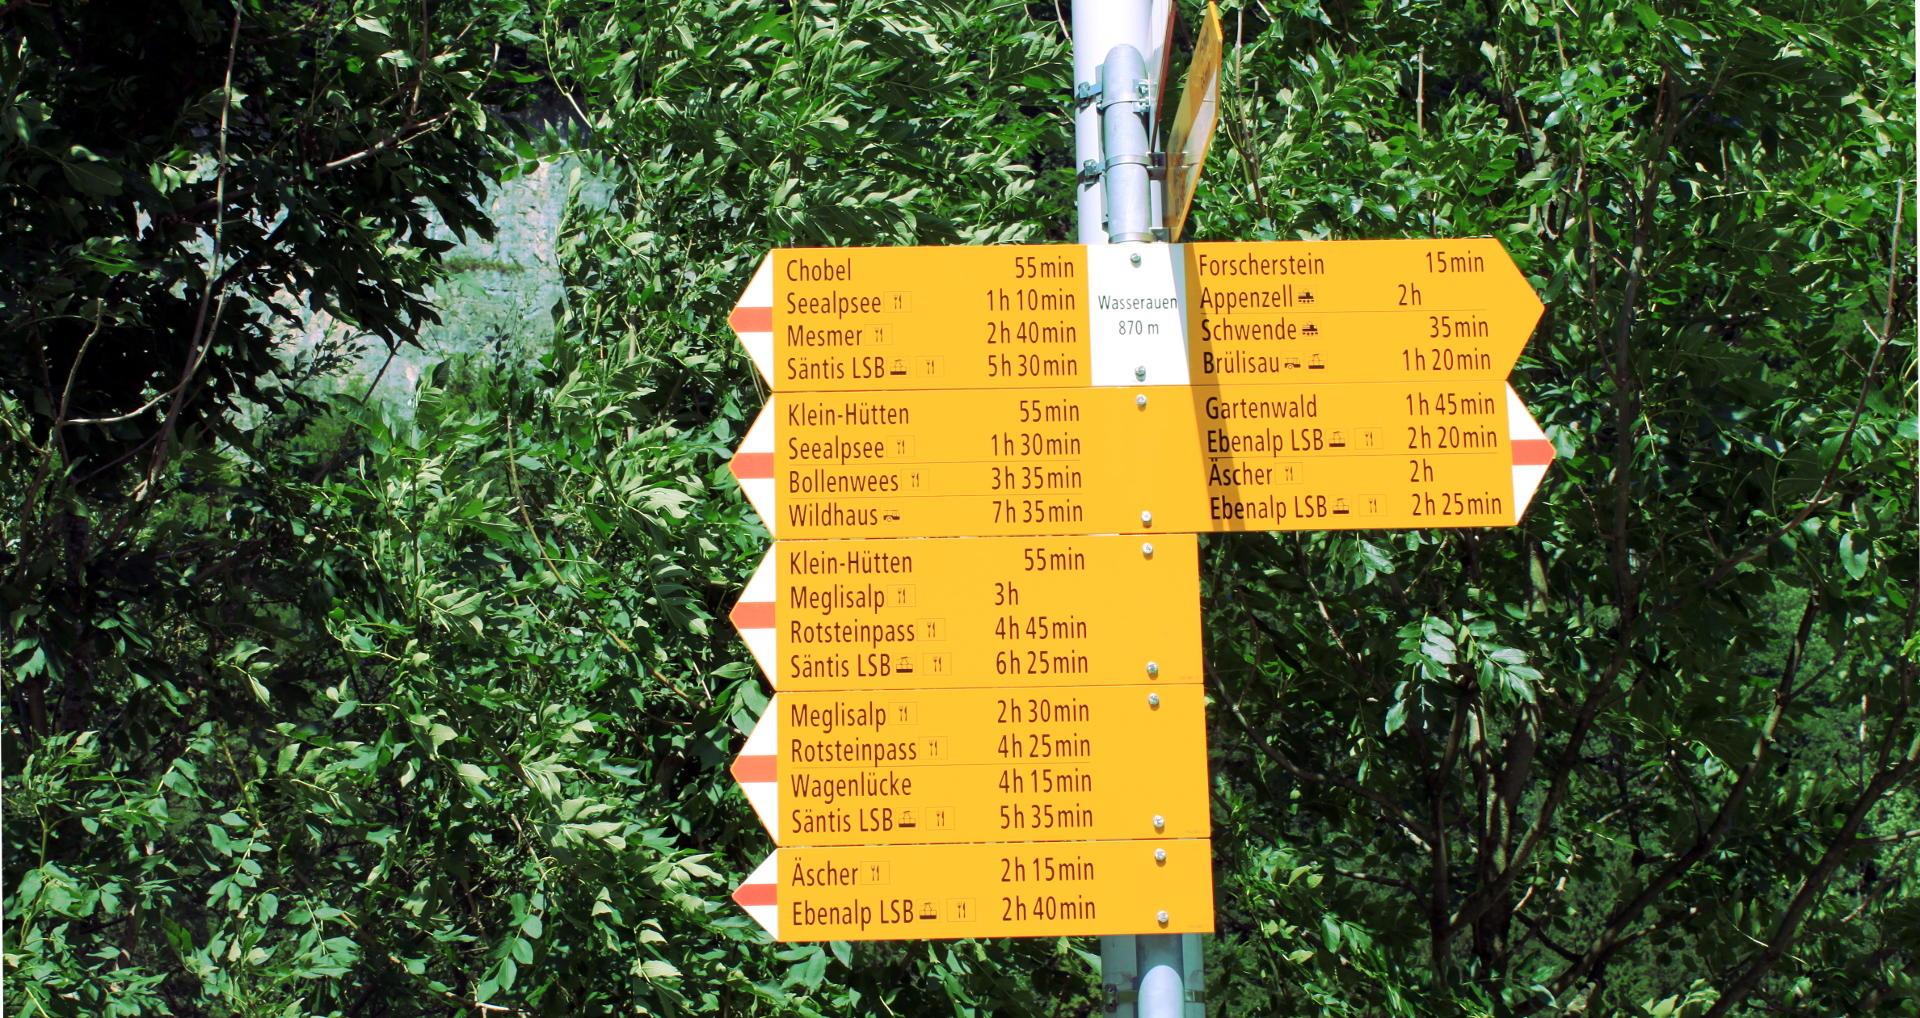 szwajcaria seealpsee alpy szlak iglawpodrozy